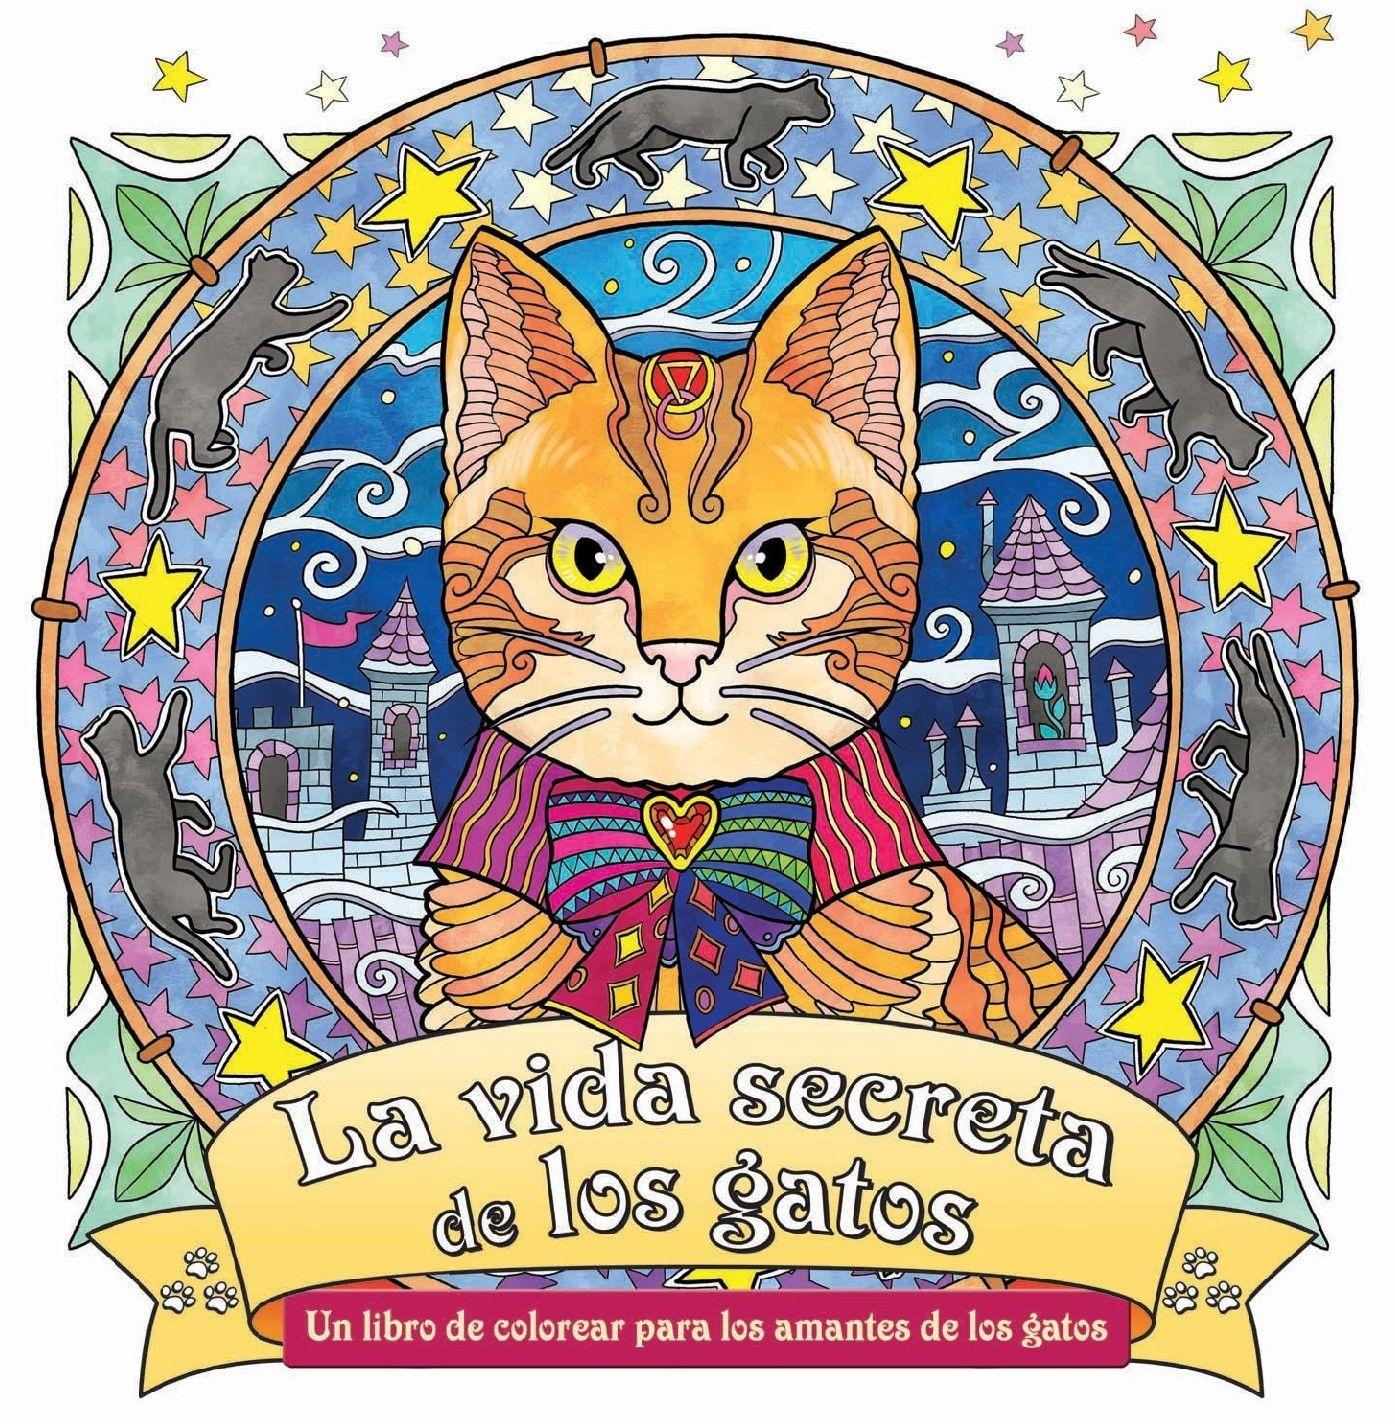 La vida secreta de los gatos - Cangrejo Editores